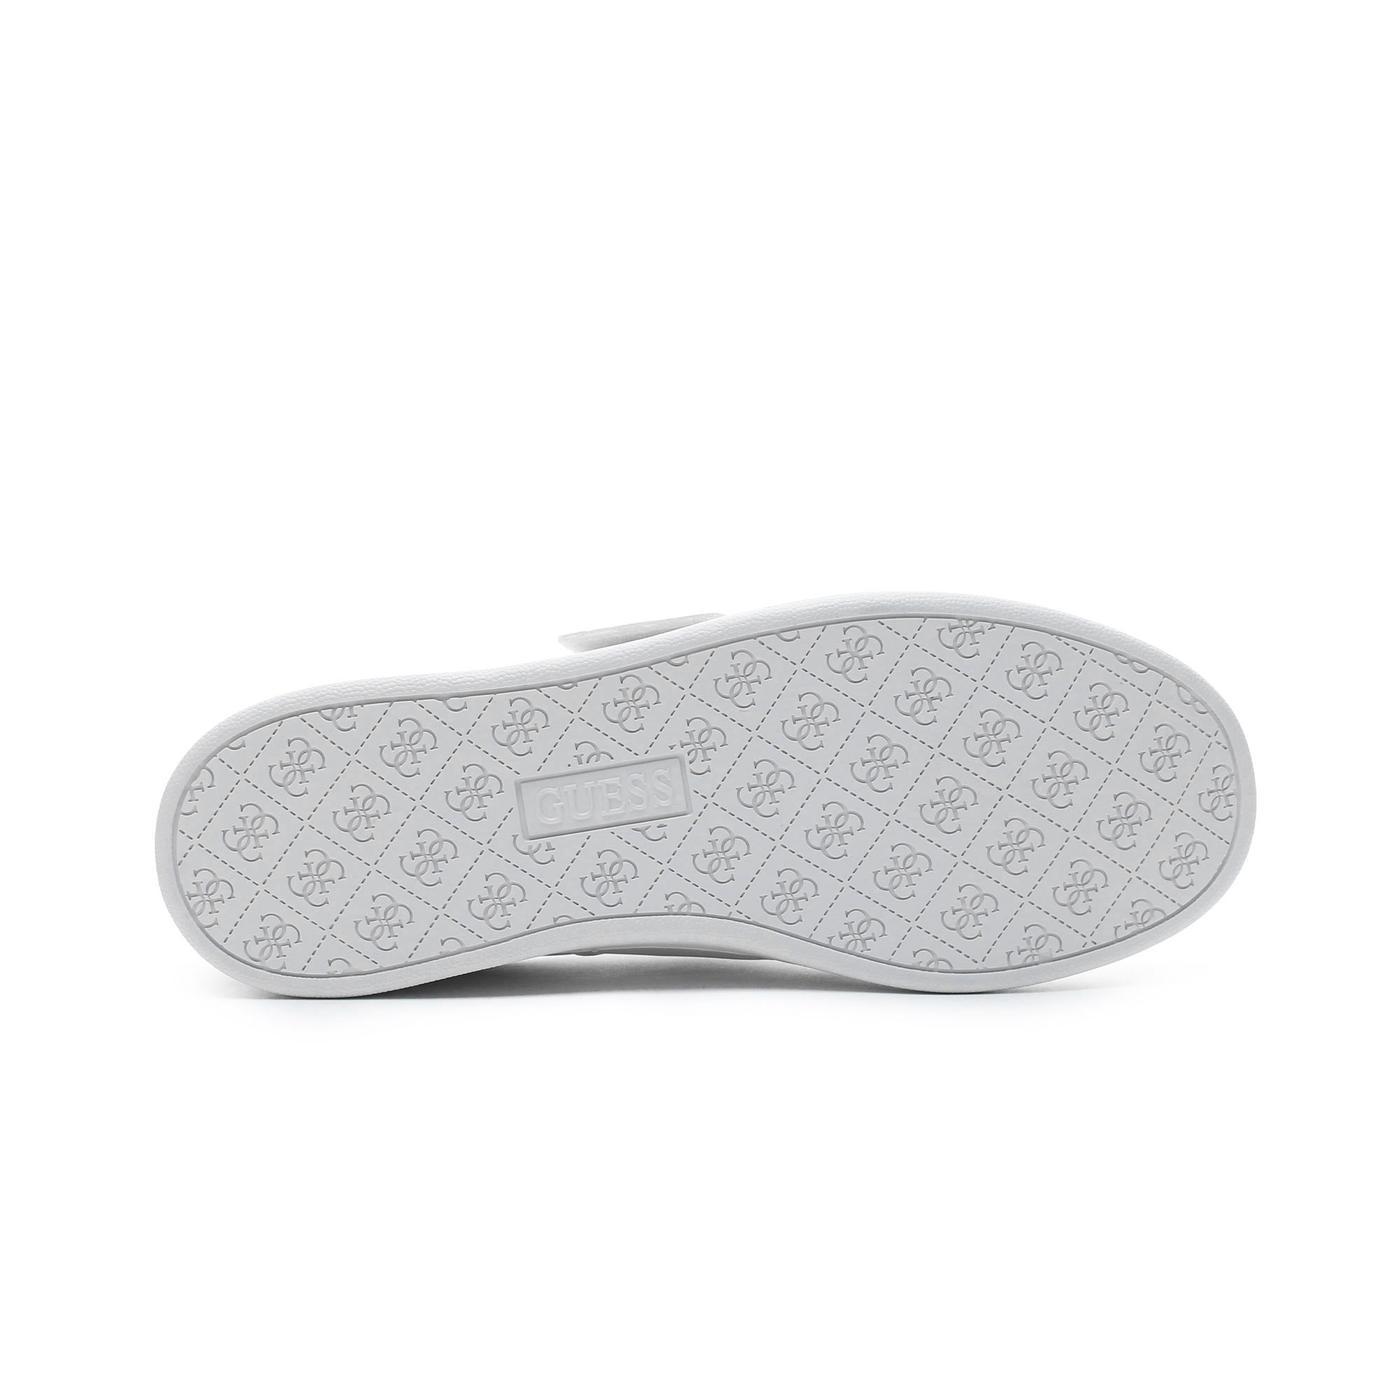 Guess Chex Beyaz Kadın Spor Ayakkabı